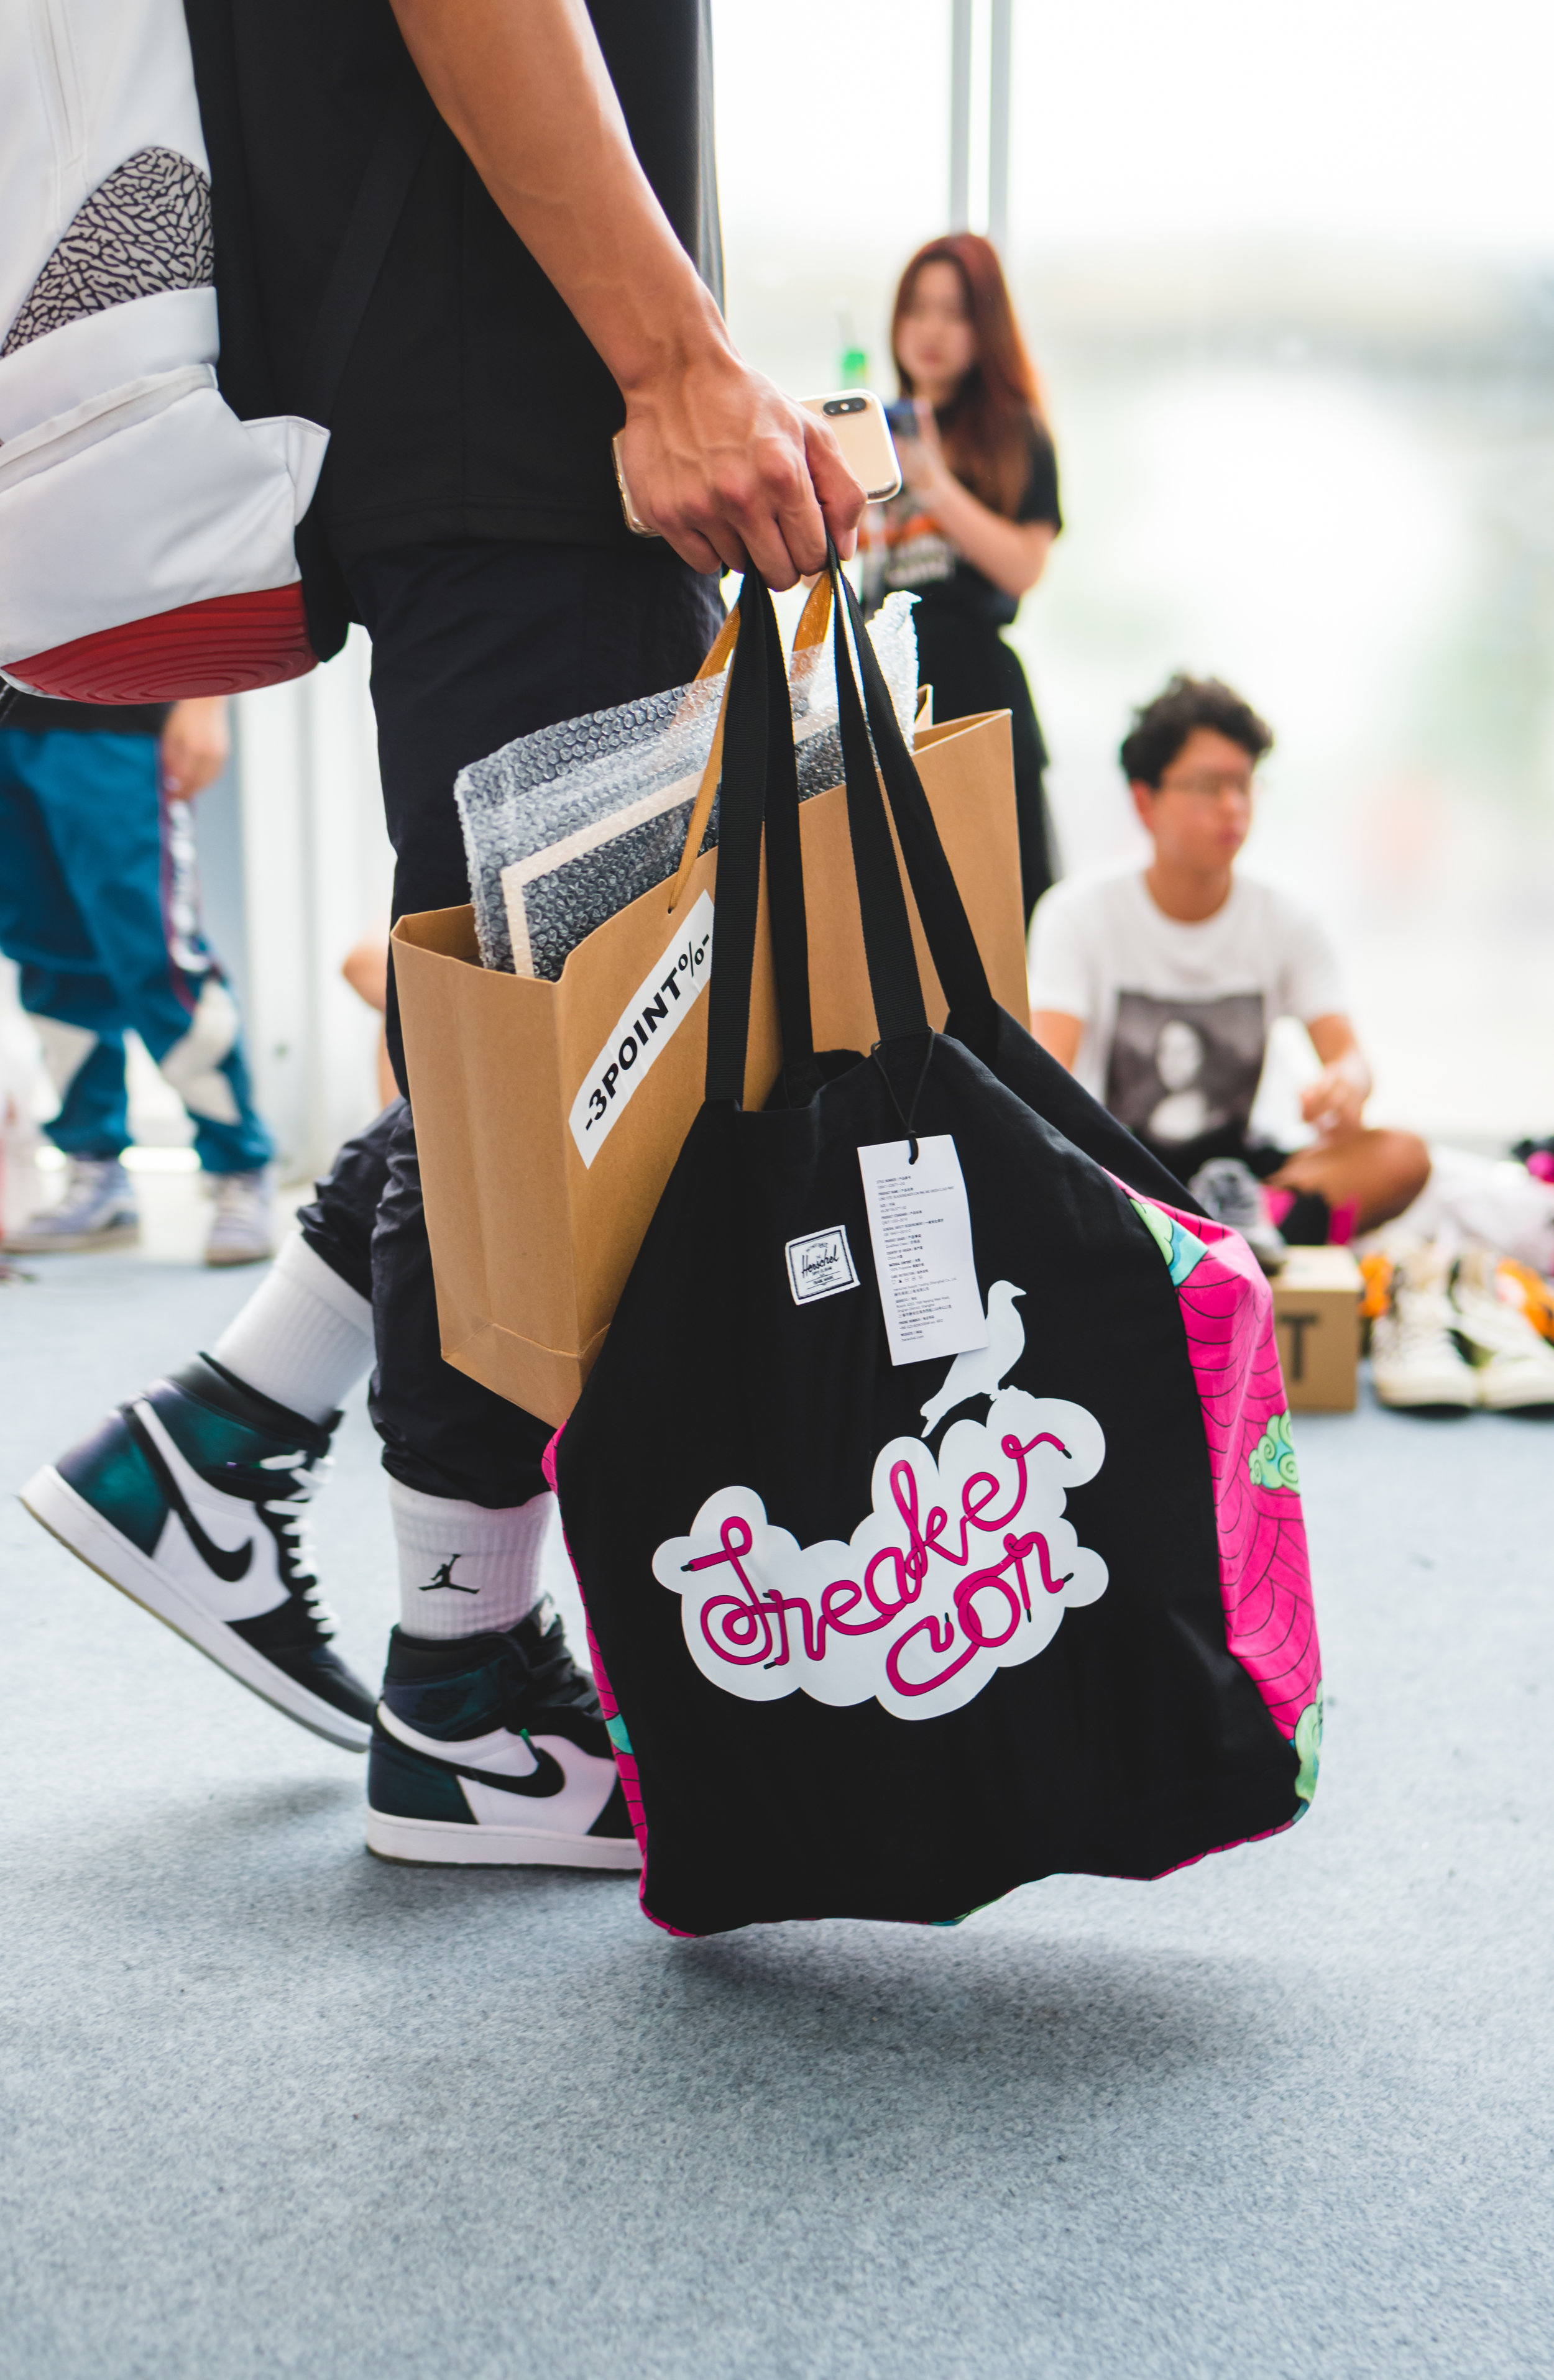 Sneaker.Con.jpg